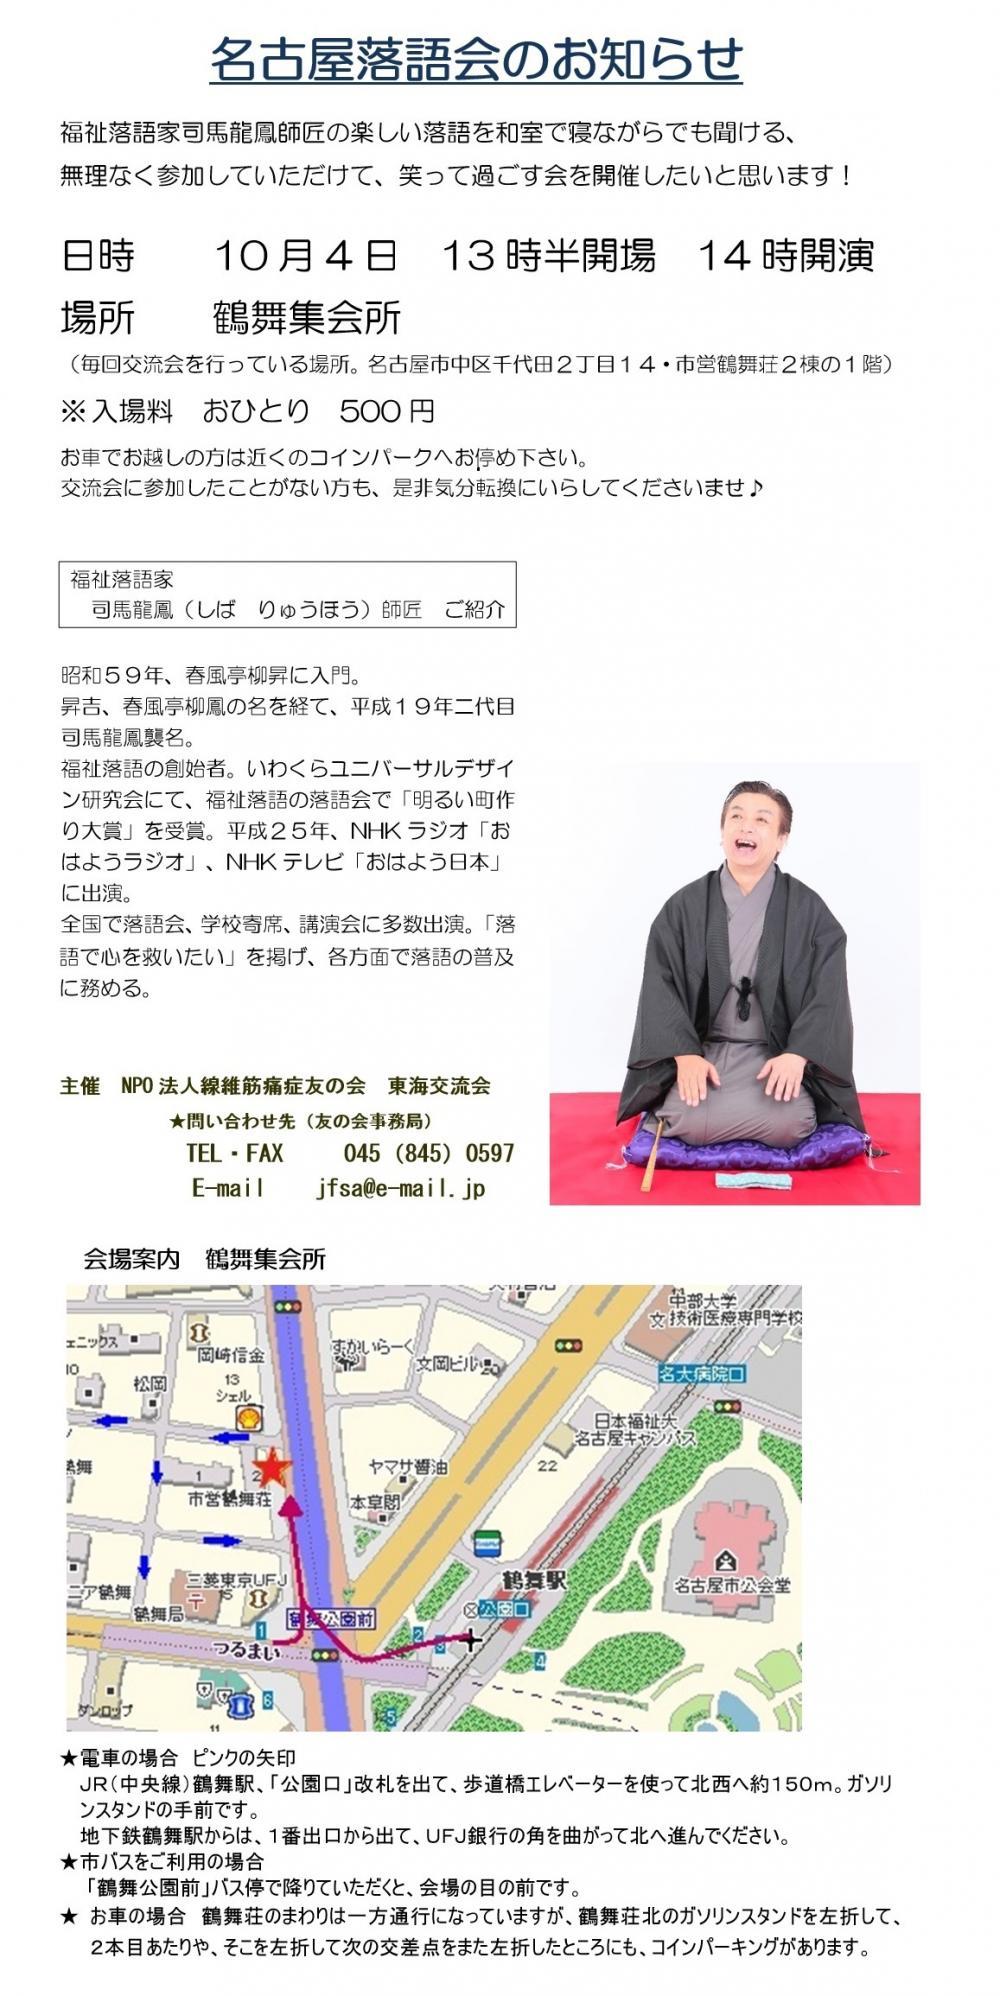 名古屋交流会10/4